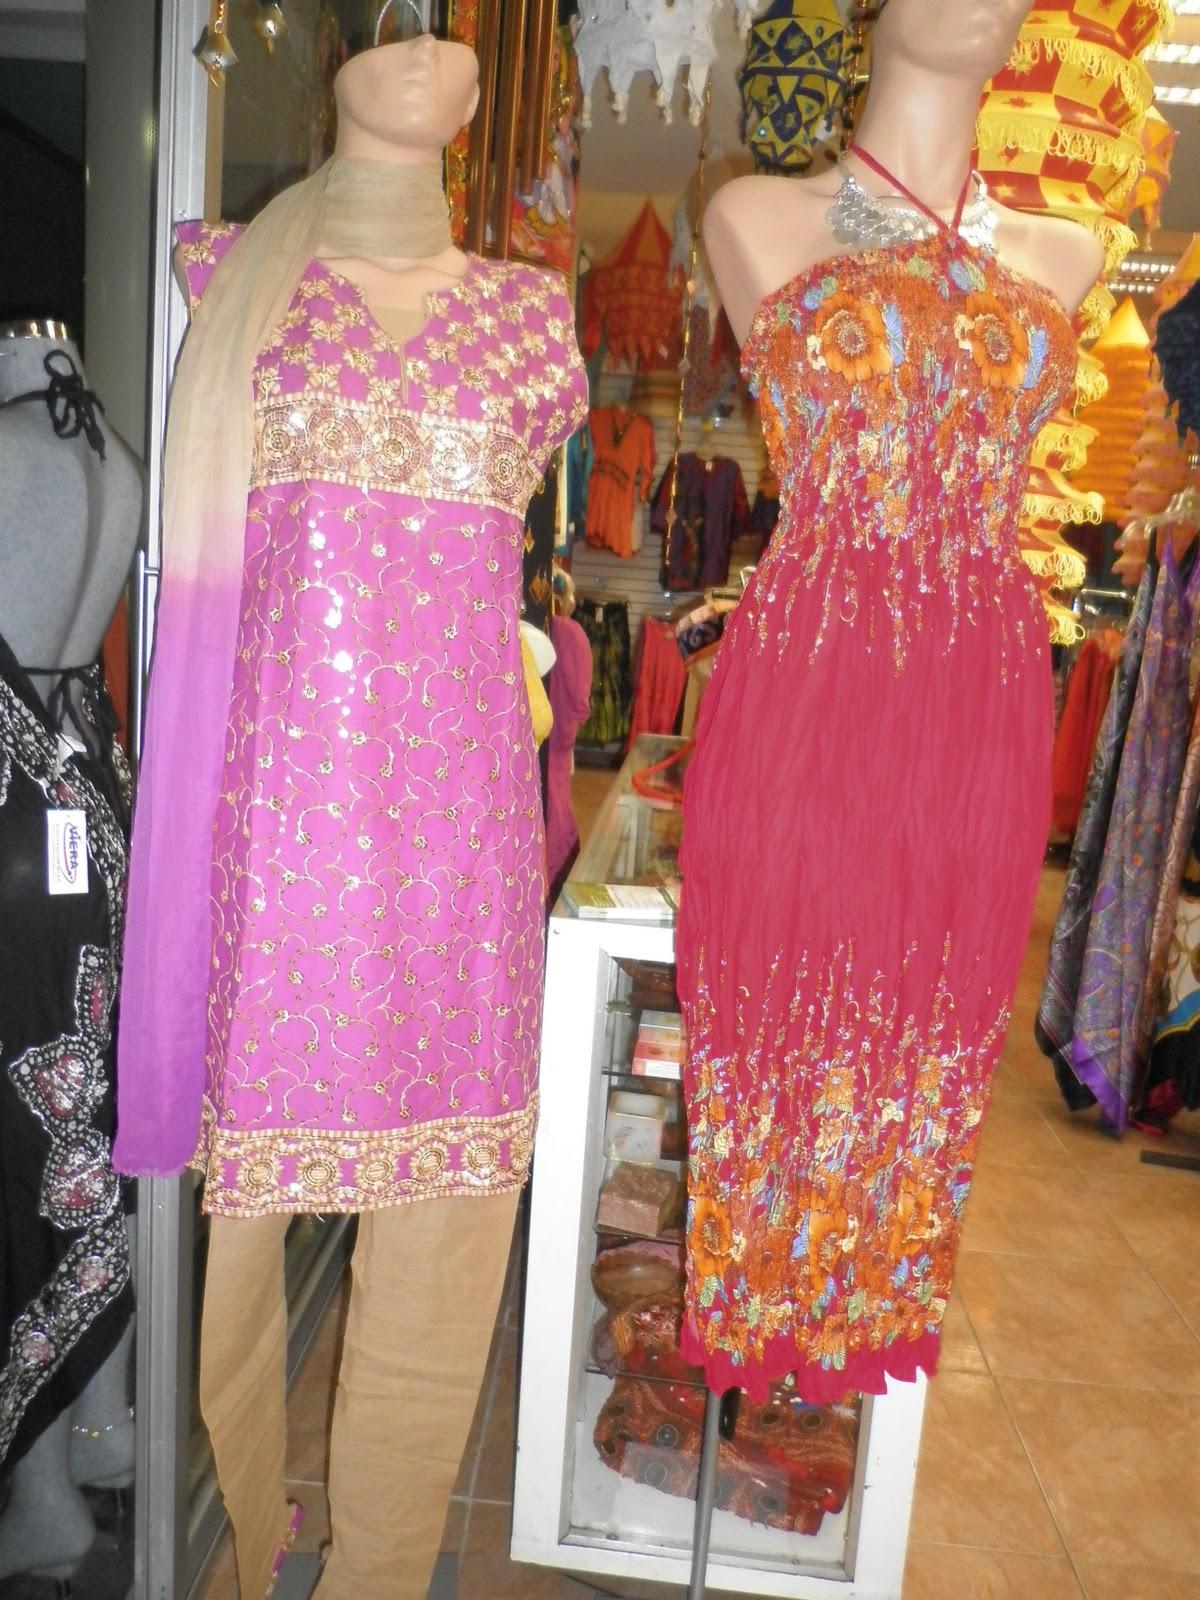 Ropa y artesania de la india lamparas de tela sari kurta - Lamparas de la india ...